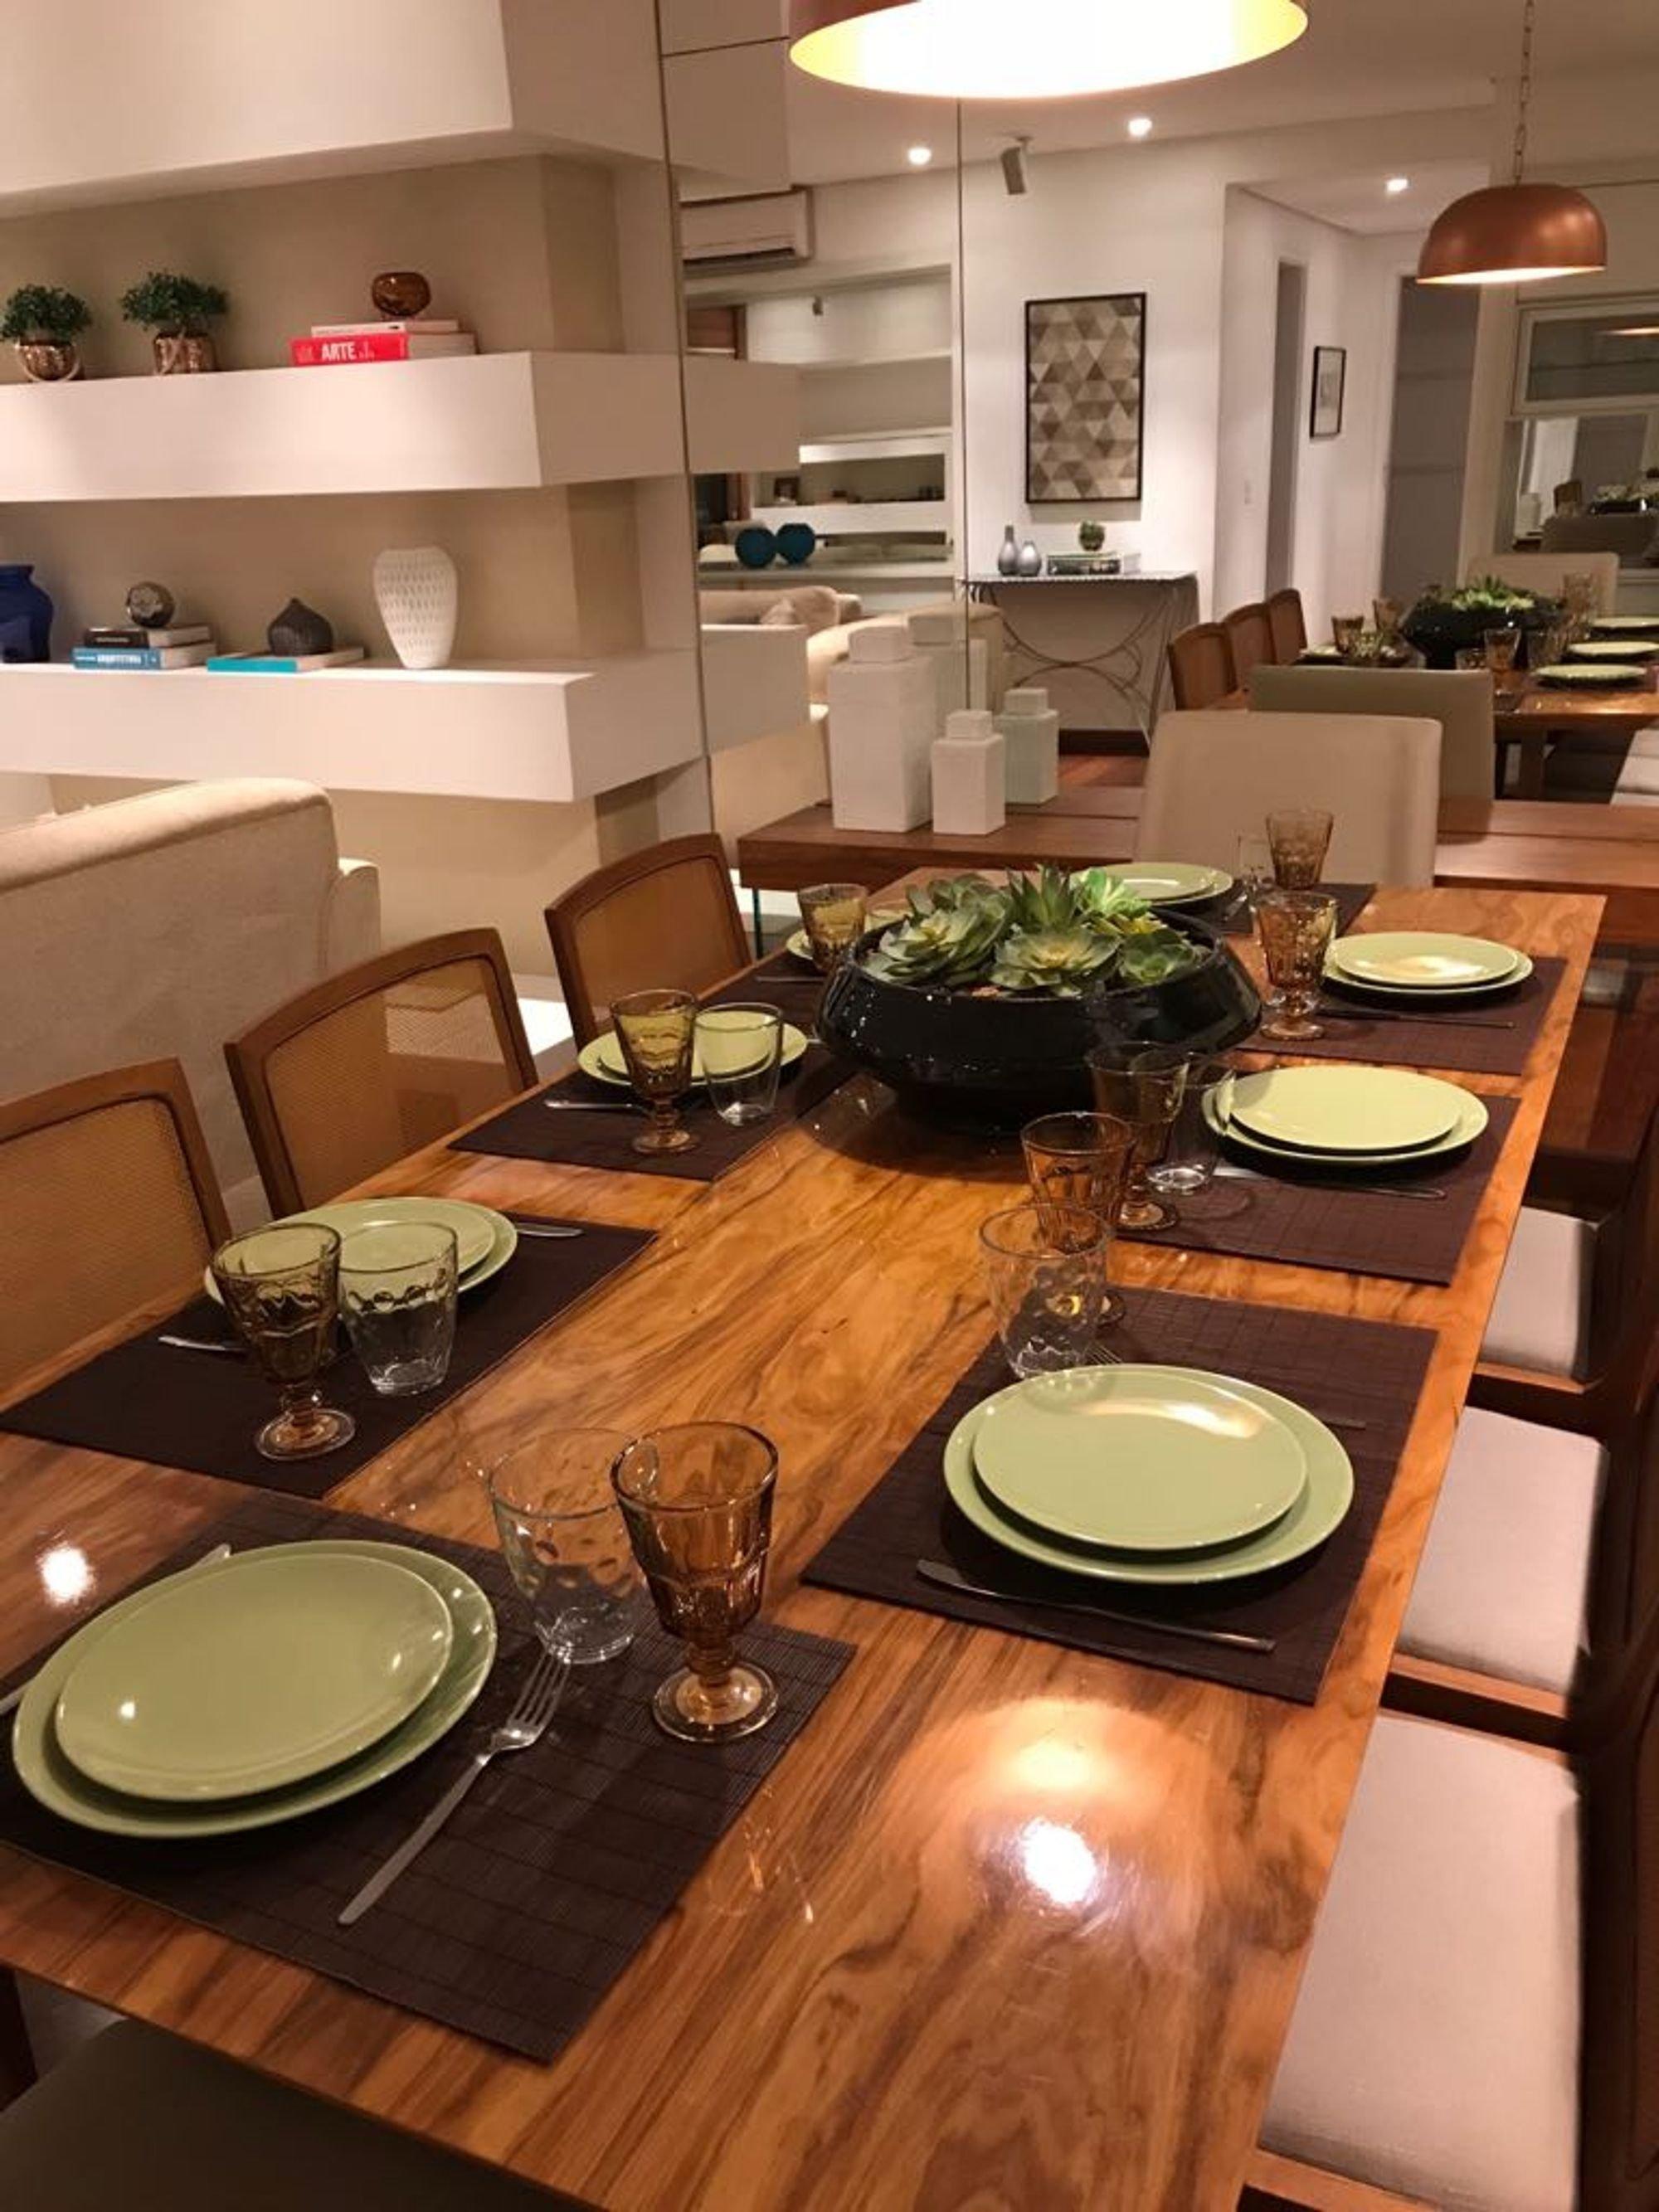 Foto de Sala com vaso de planta, copo de vinho, garfo, cadeira, mesa de jantar, xícara